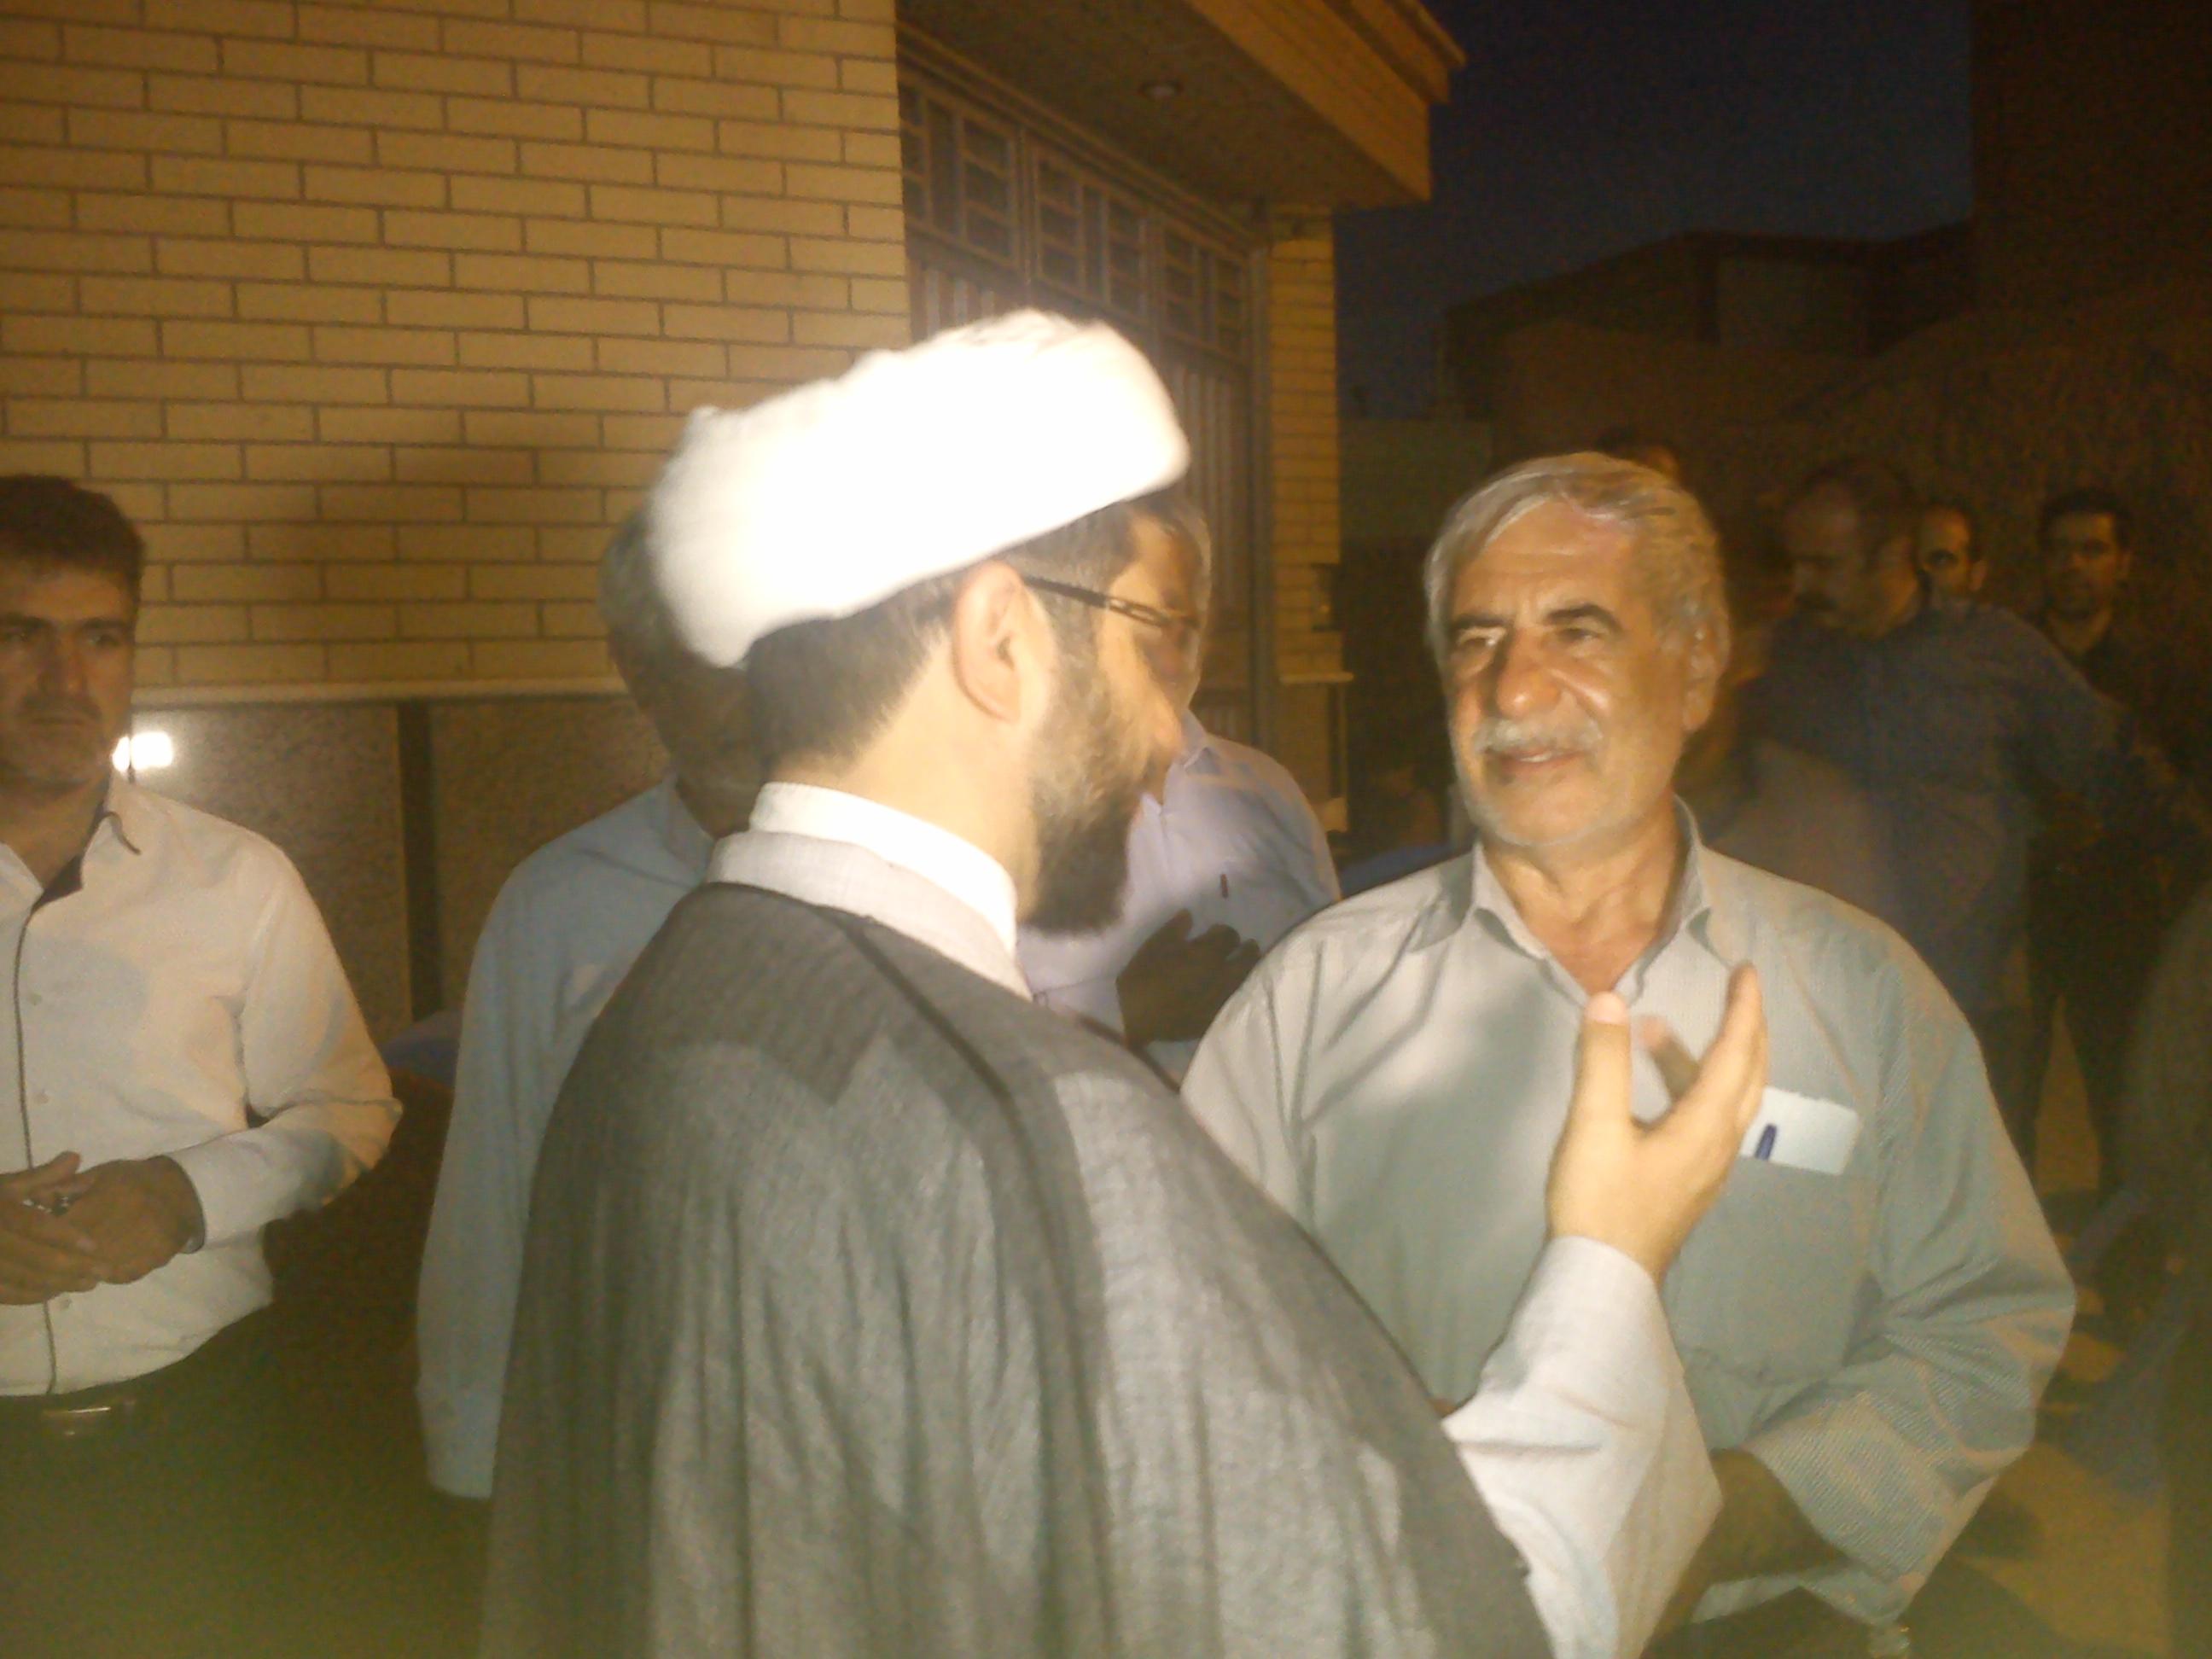 دیدار امام جمعه محترم شهر قهدریجان با بردار سردار شهید مهندس کاظم زاده